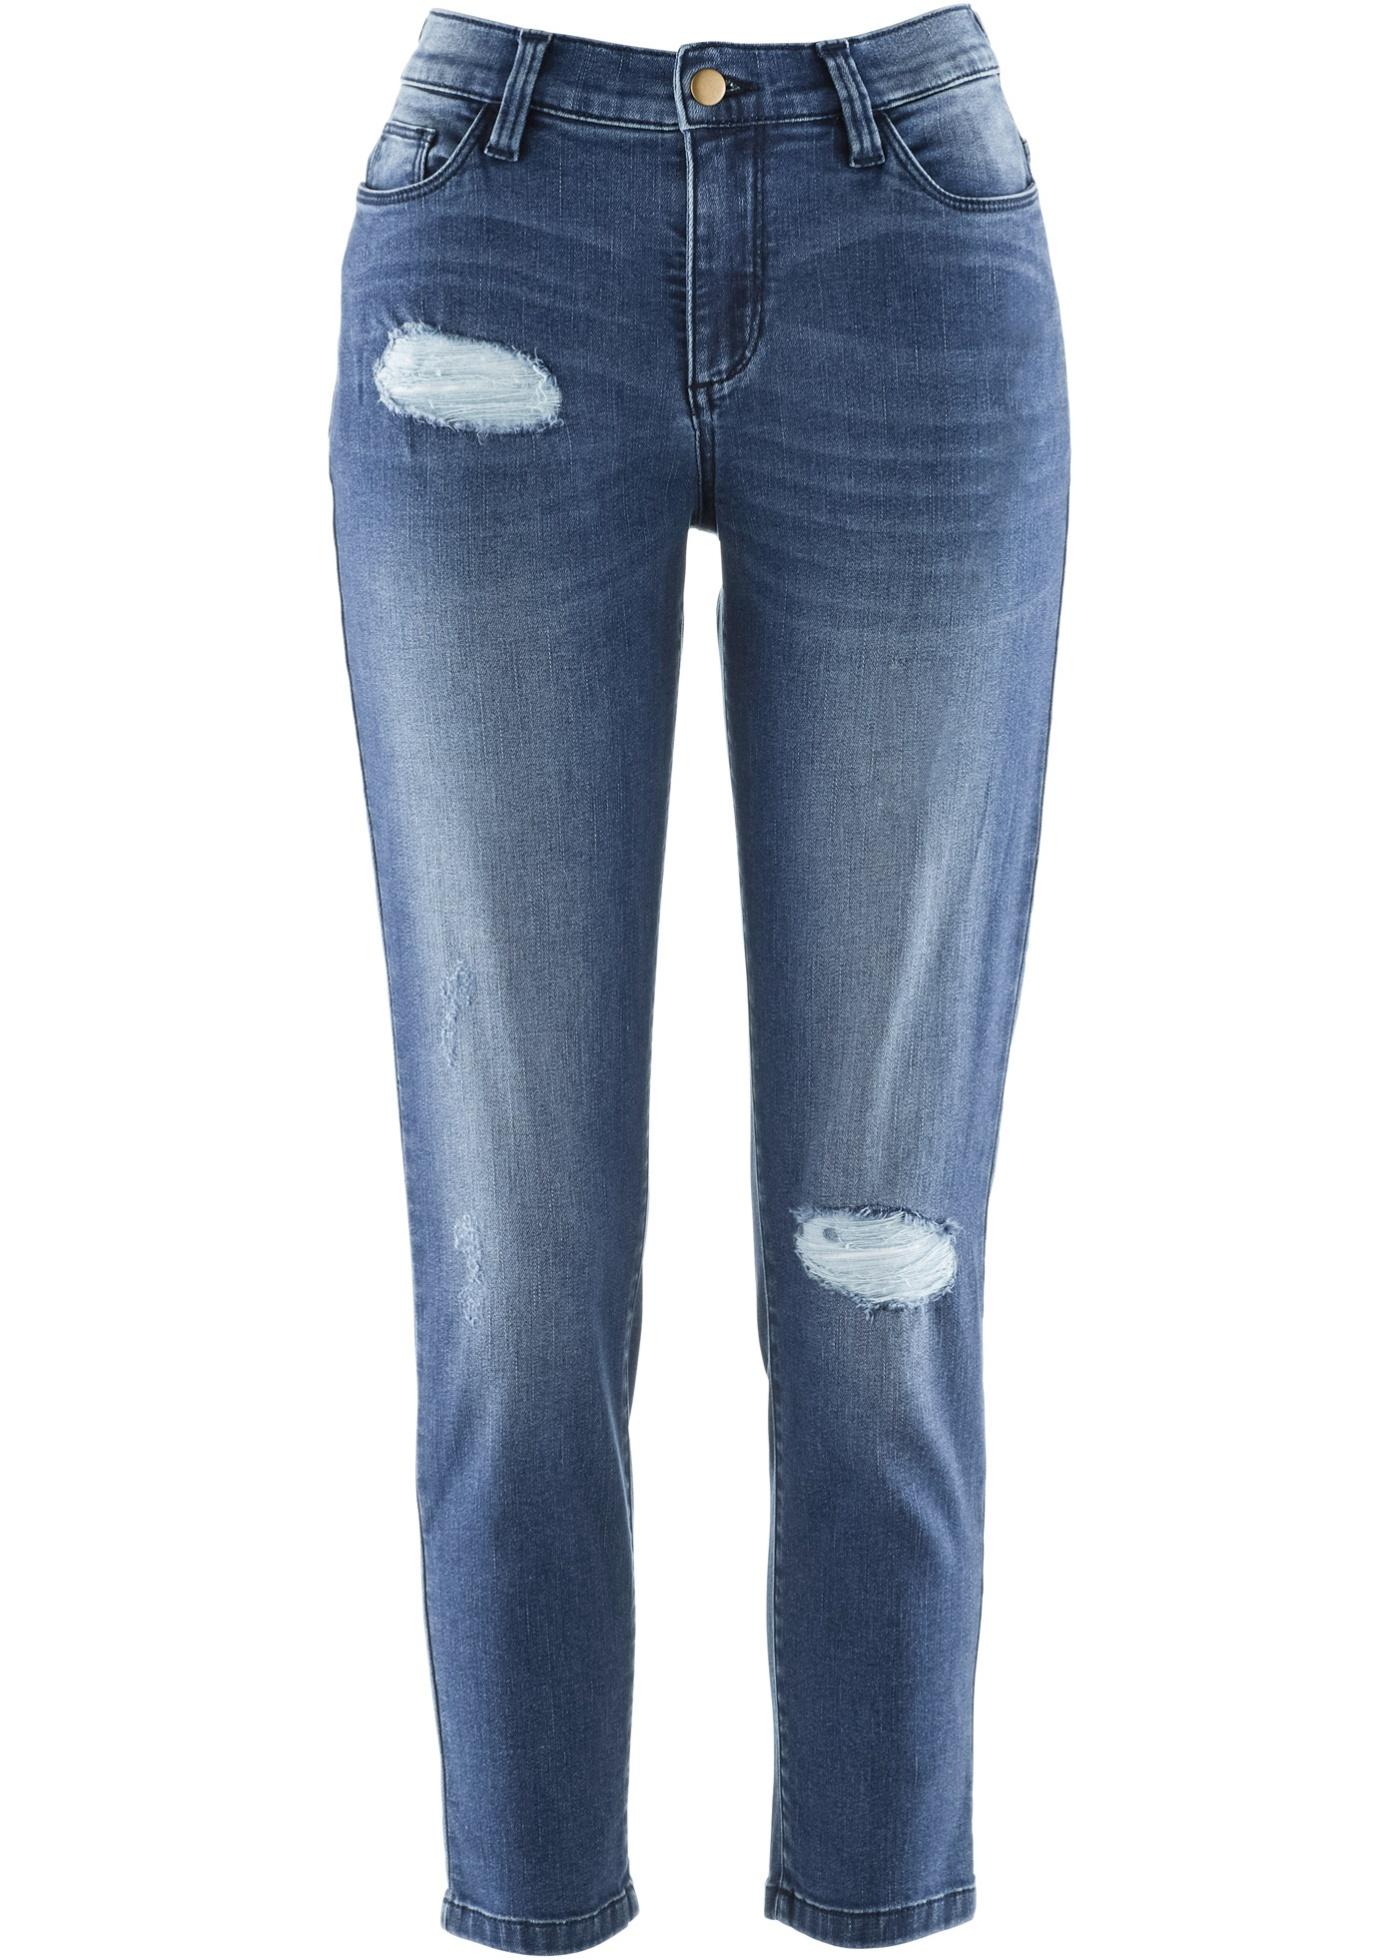 Jean Girlfriend 5 poches, look usé, taille semi-élastiquée au dos, délavage mode, longueur 7/8. Long. entrejambe env. 65 cm, lavage machine.